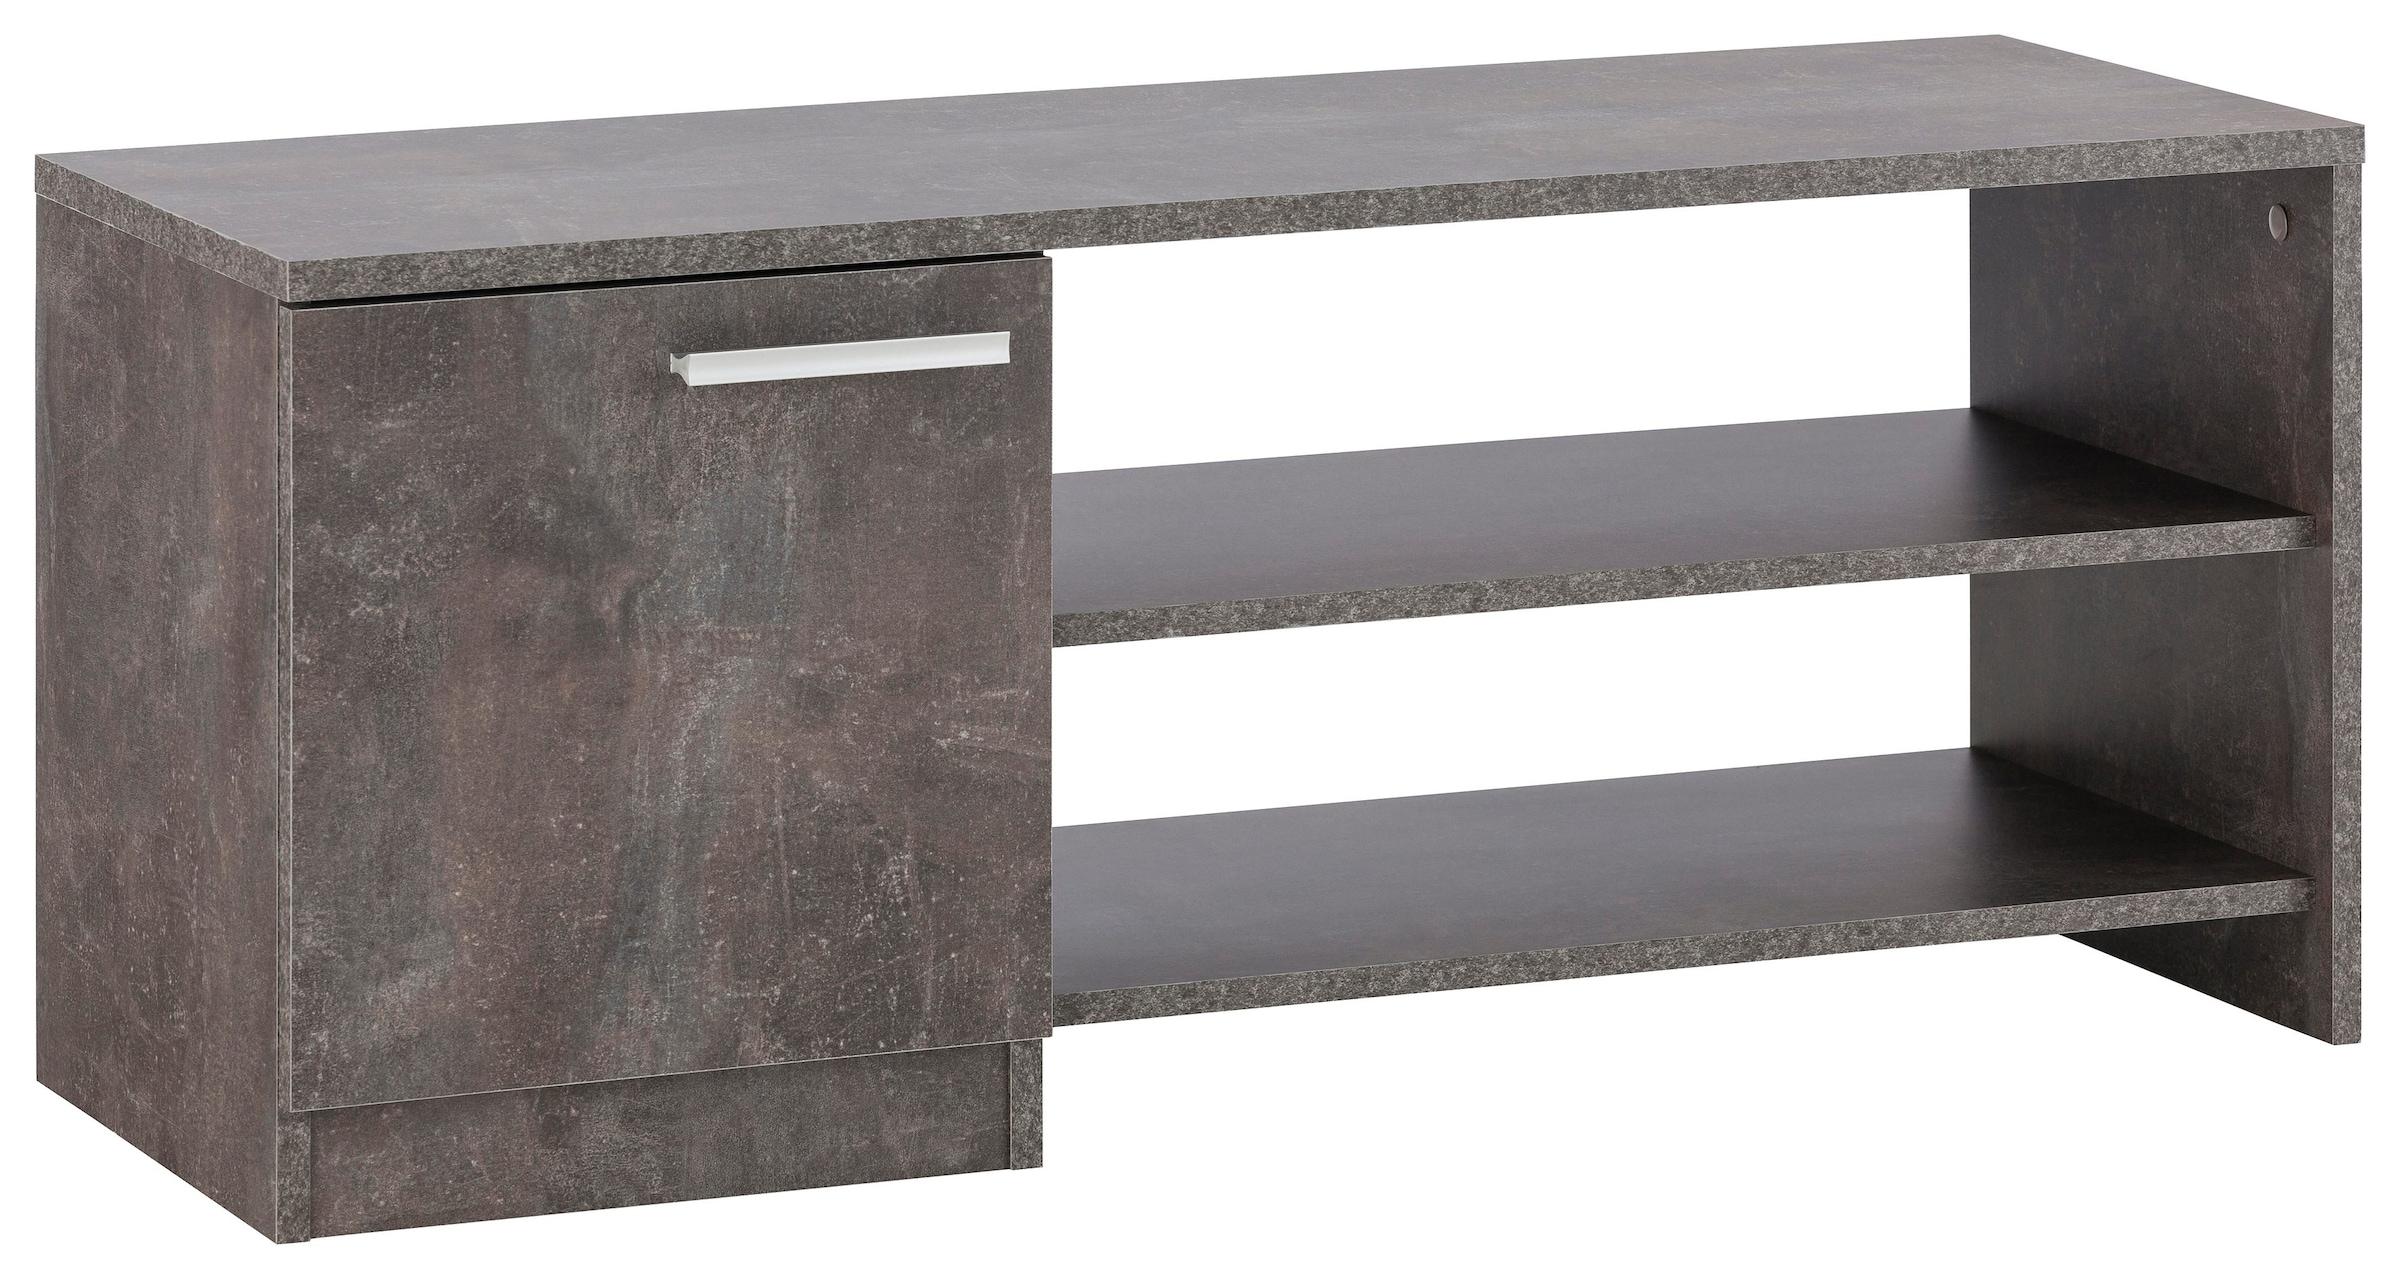 Grau schuhregal online kaufen möbel suchmaschine ladendirekt